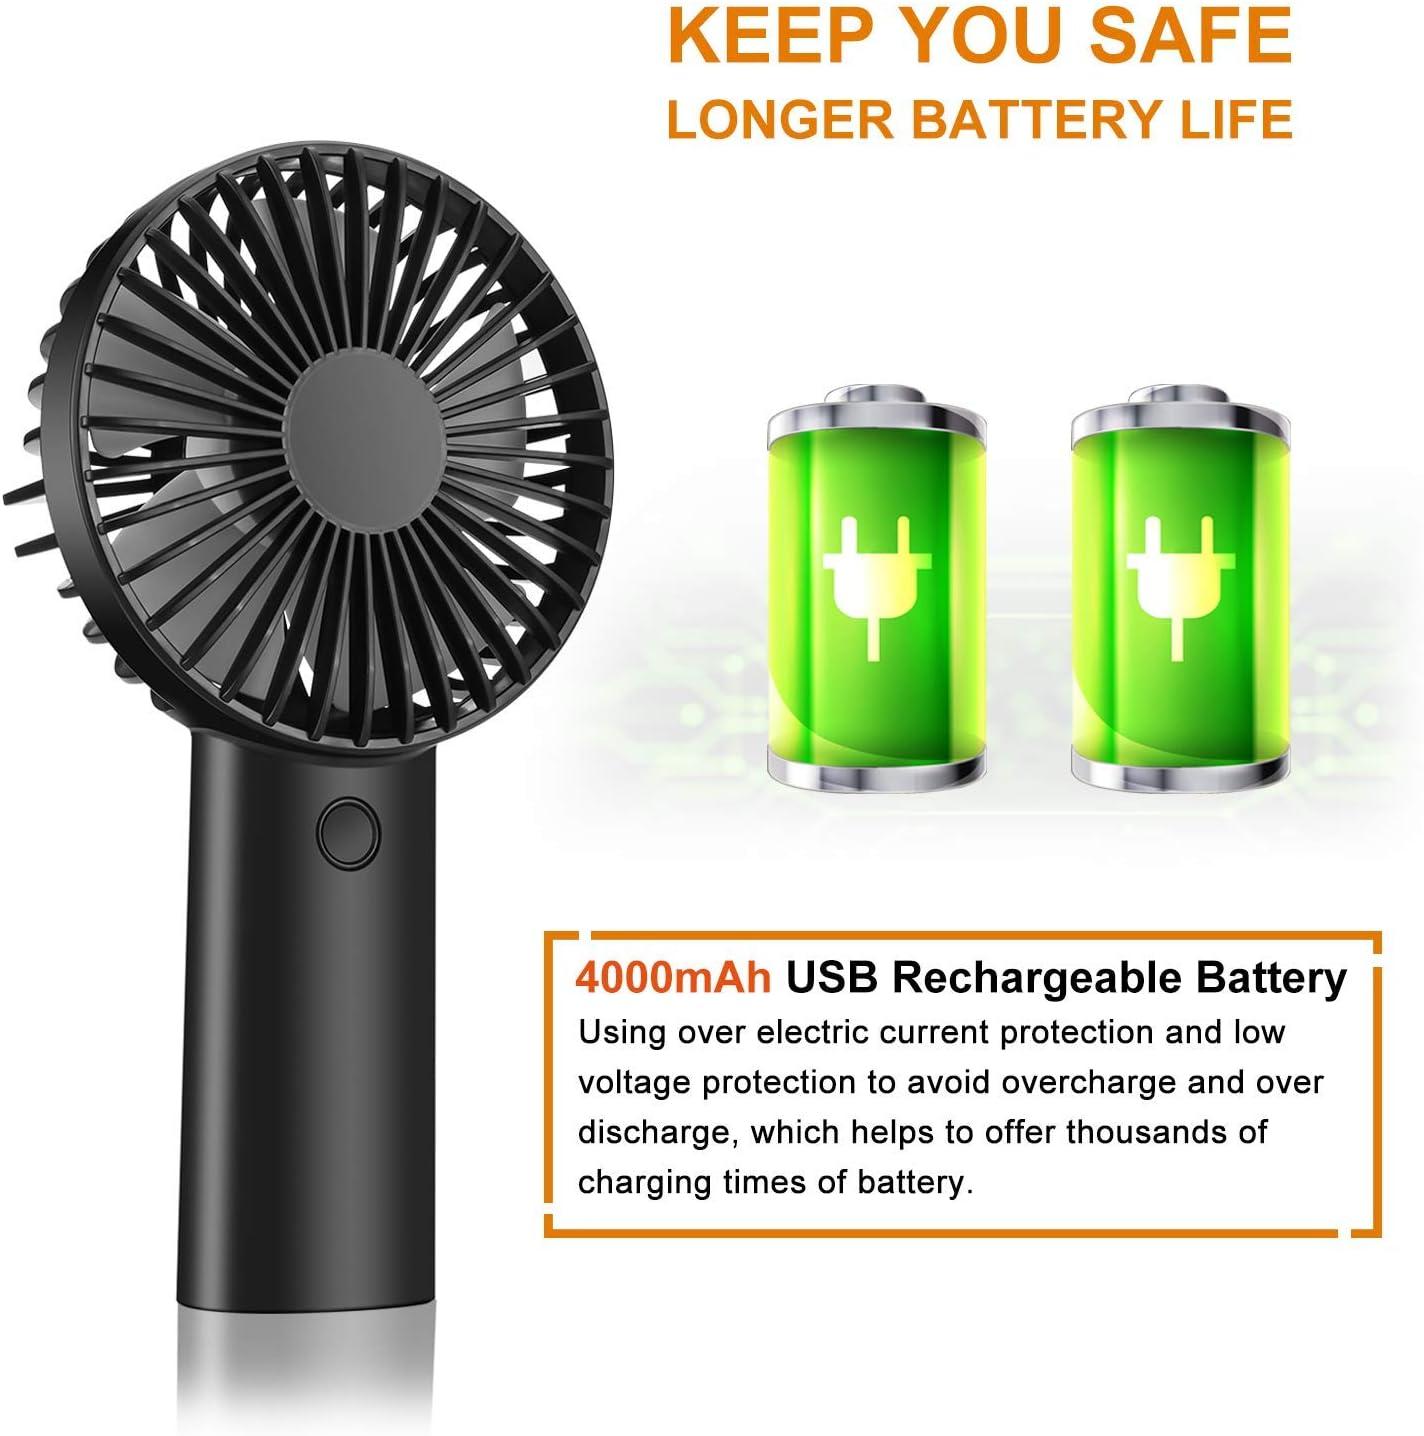 Ventilateur /à Main Voyage Mini Ventilateur USB Poche Ext/érieur Rose clair 4000 mAh Rechargeable Batterie avec 3 Vitesses R/églable Silencieux Portatif Personnel Ventilateur pour Maison Bureau